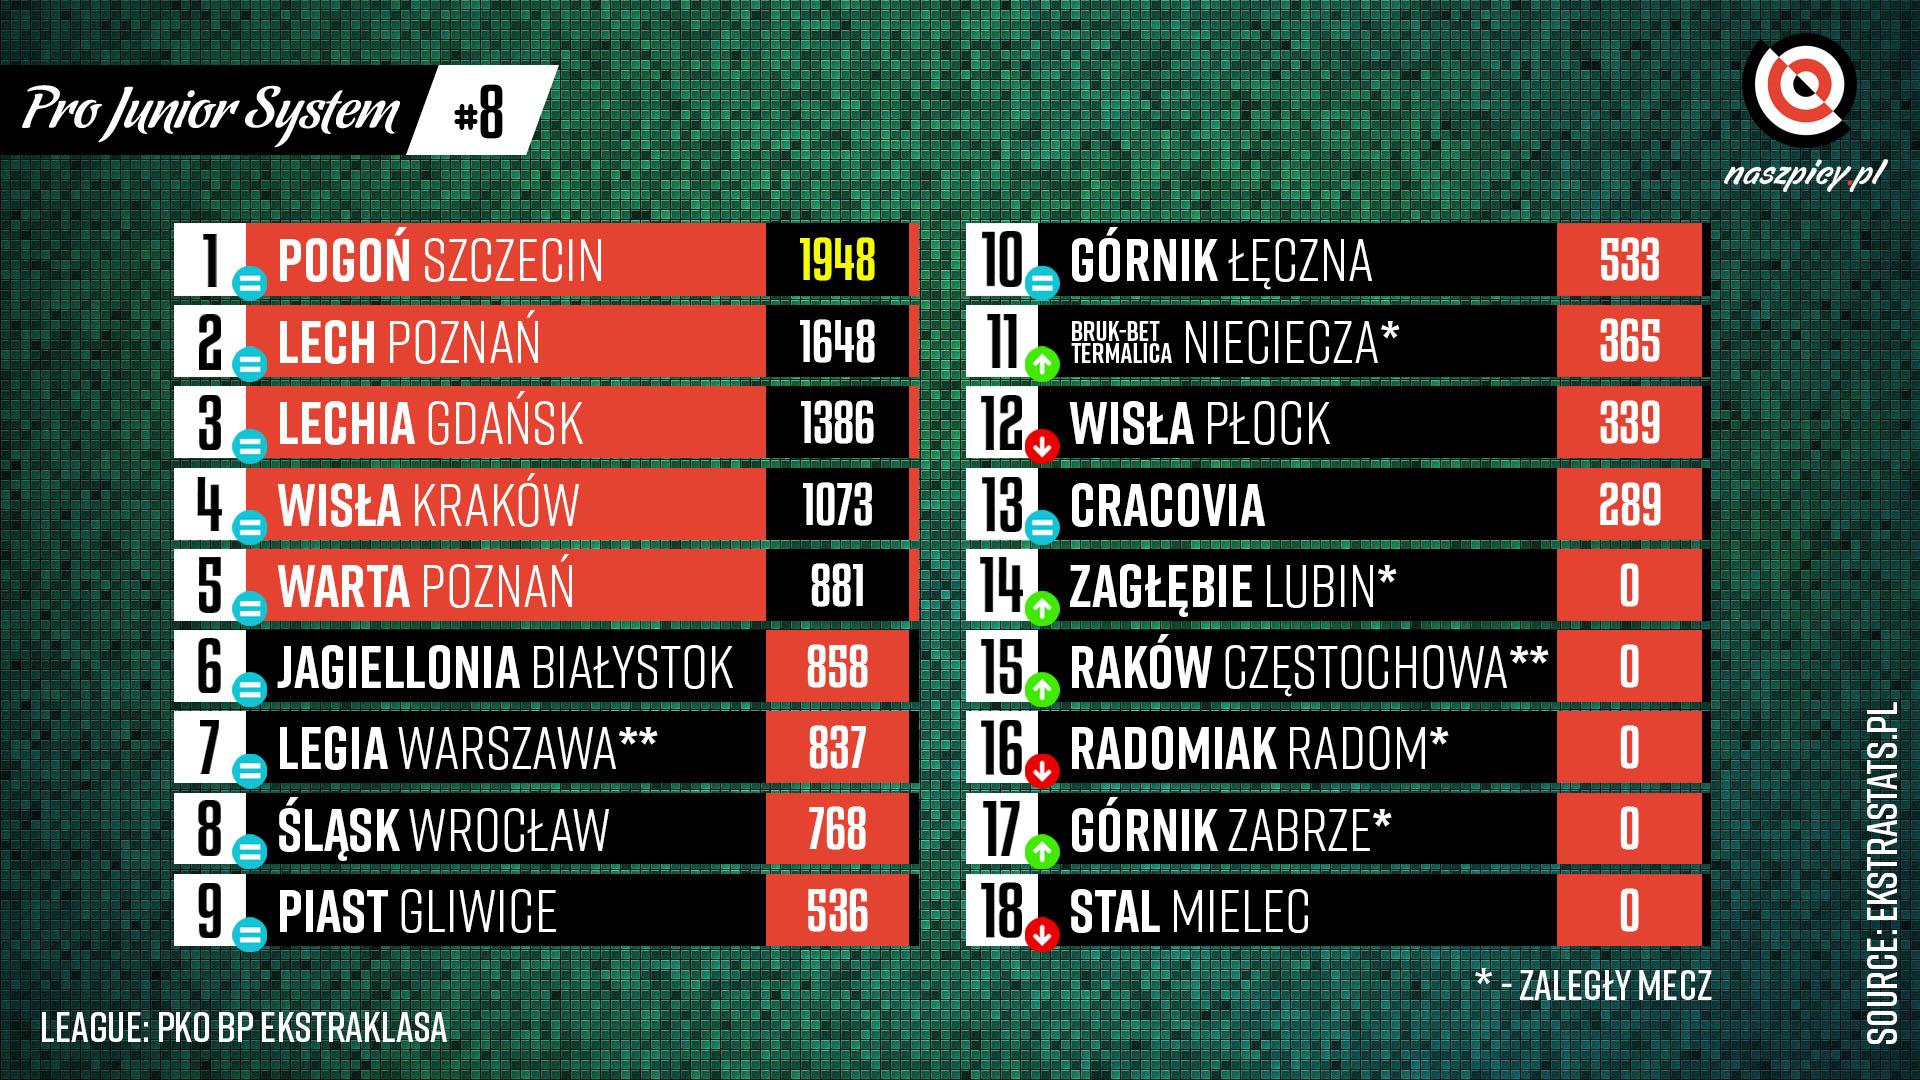 Klasyfikacja Pro Junior System po 8. kolejce PKO Ekstraklasy 2021-22<br><br>Źródło: Opracowanie własne na podstawie ekstrastats.pl<br><br>graf. Bartosz Urban